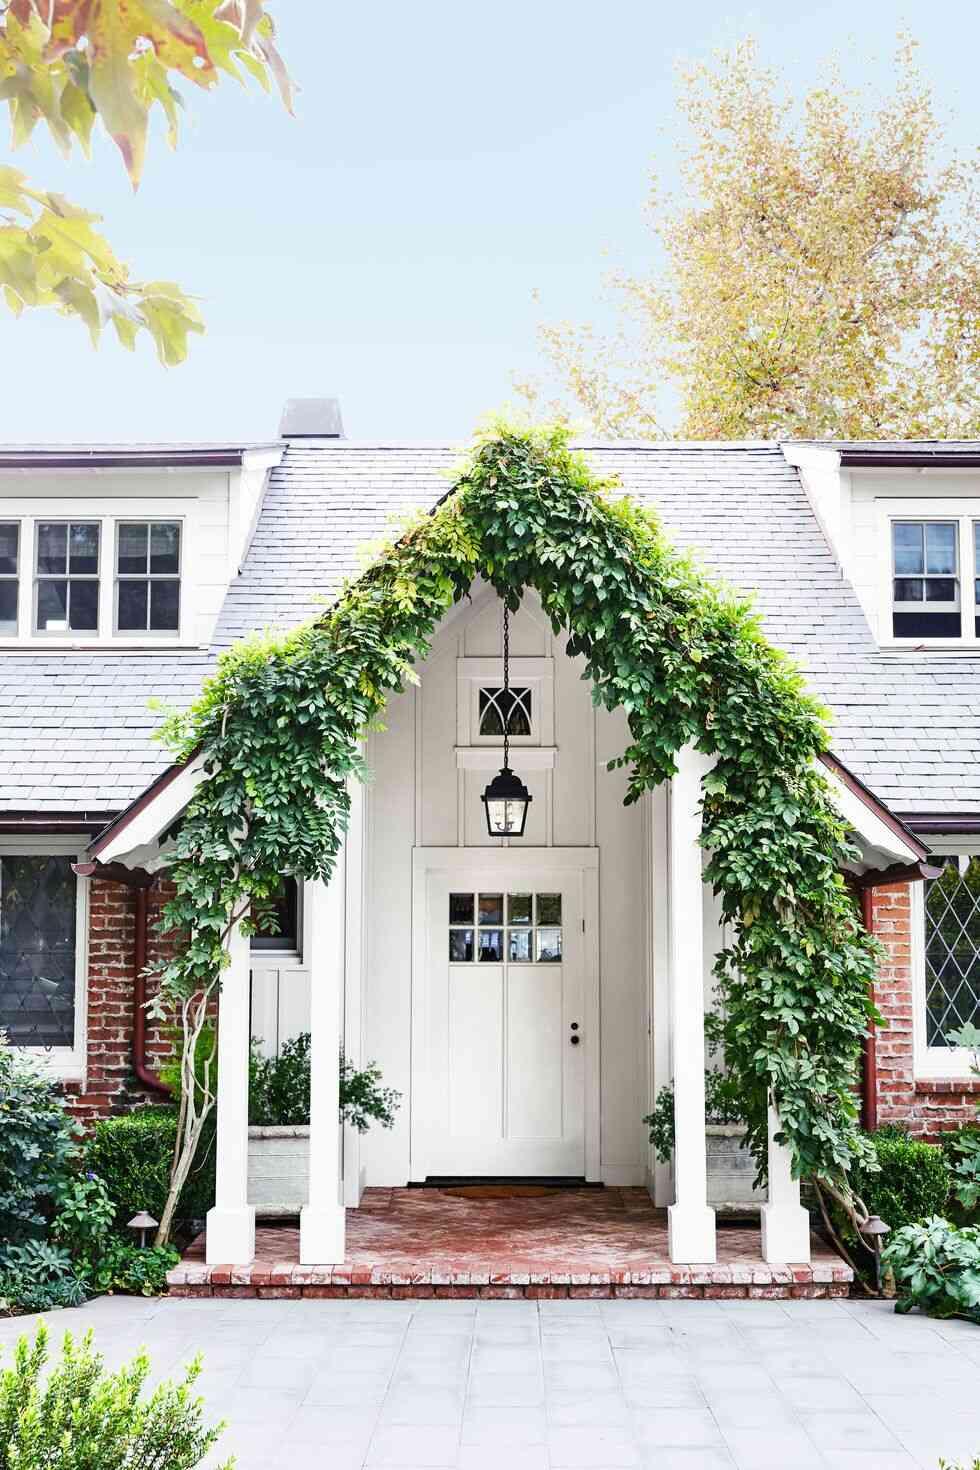 màu sơn cửa đẹp, cửa gỗ màu trắng